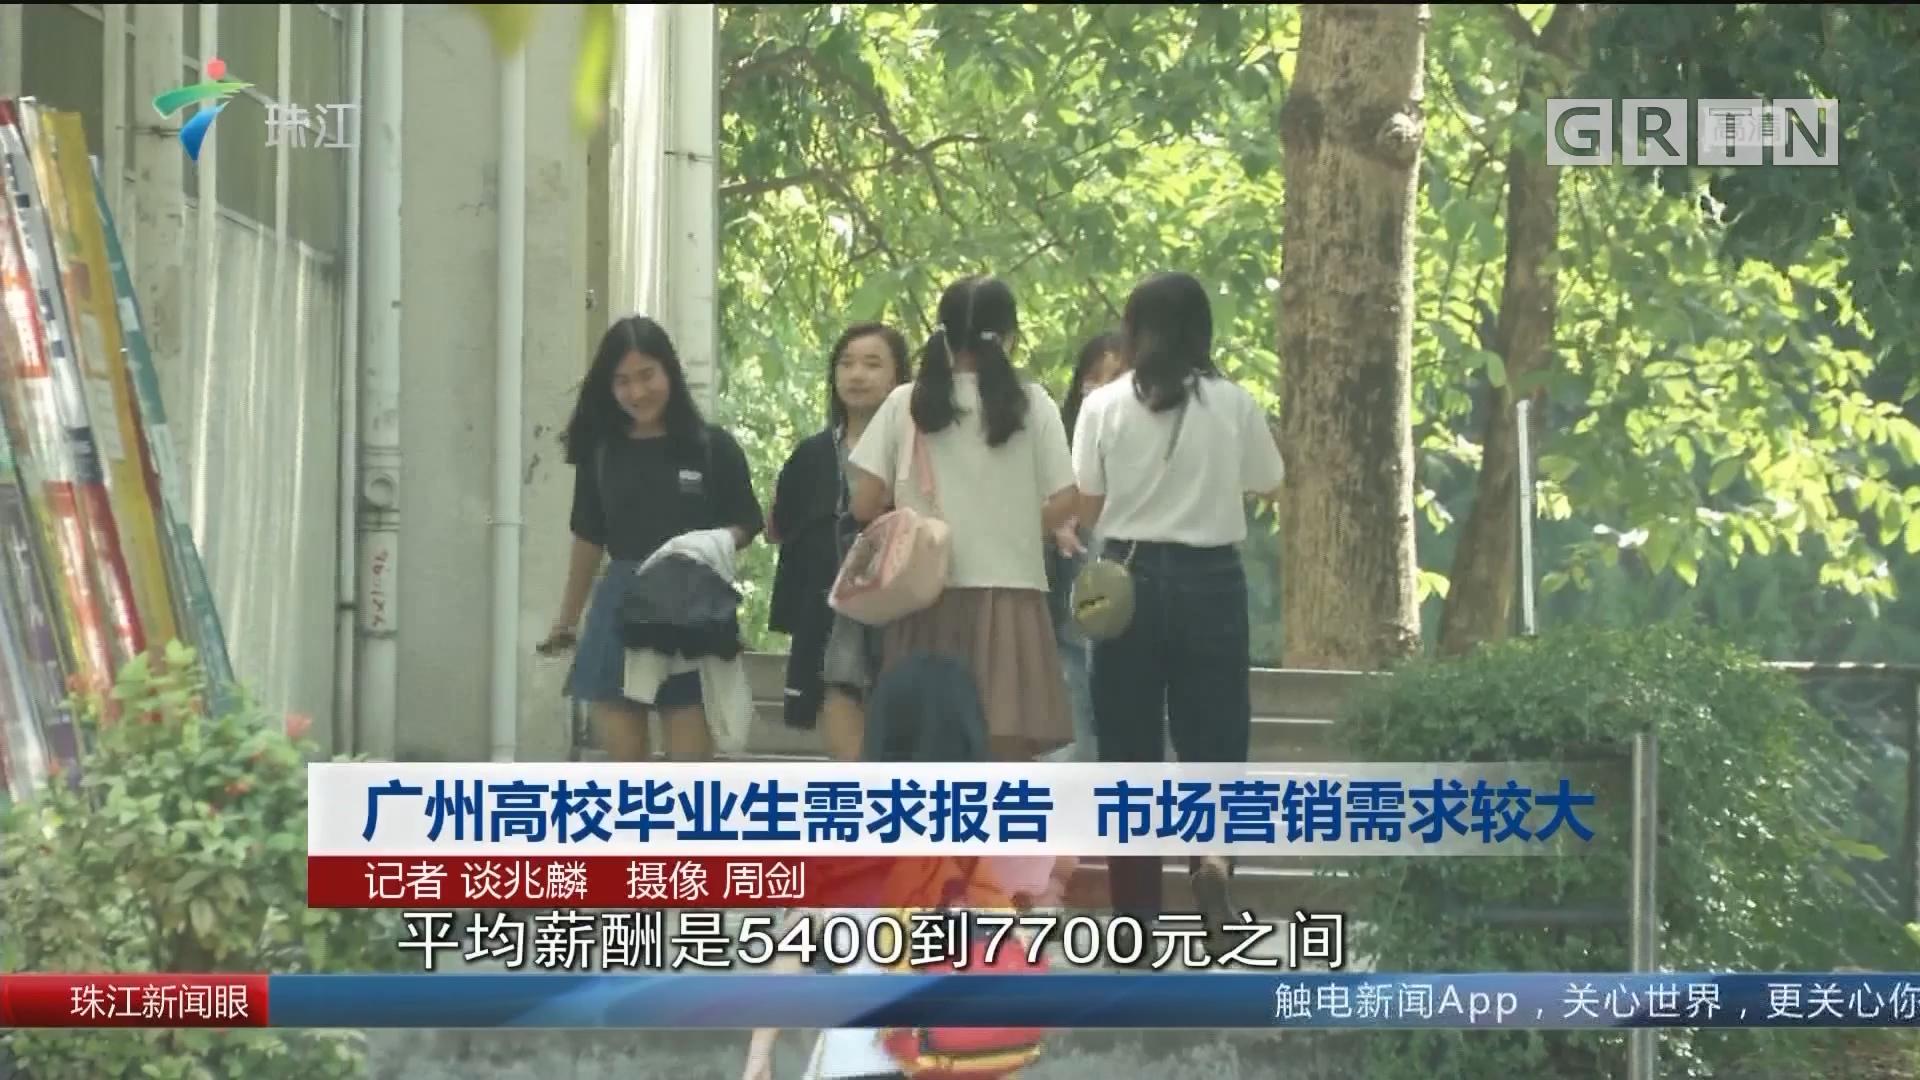 广州高校毕业生需求报告 市场营销需求较大